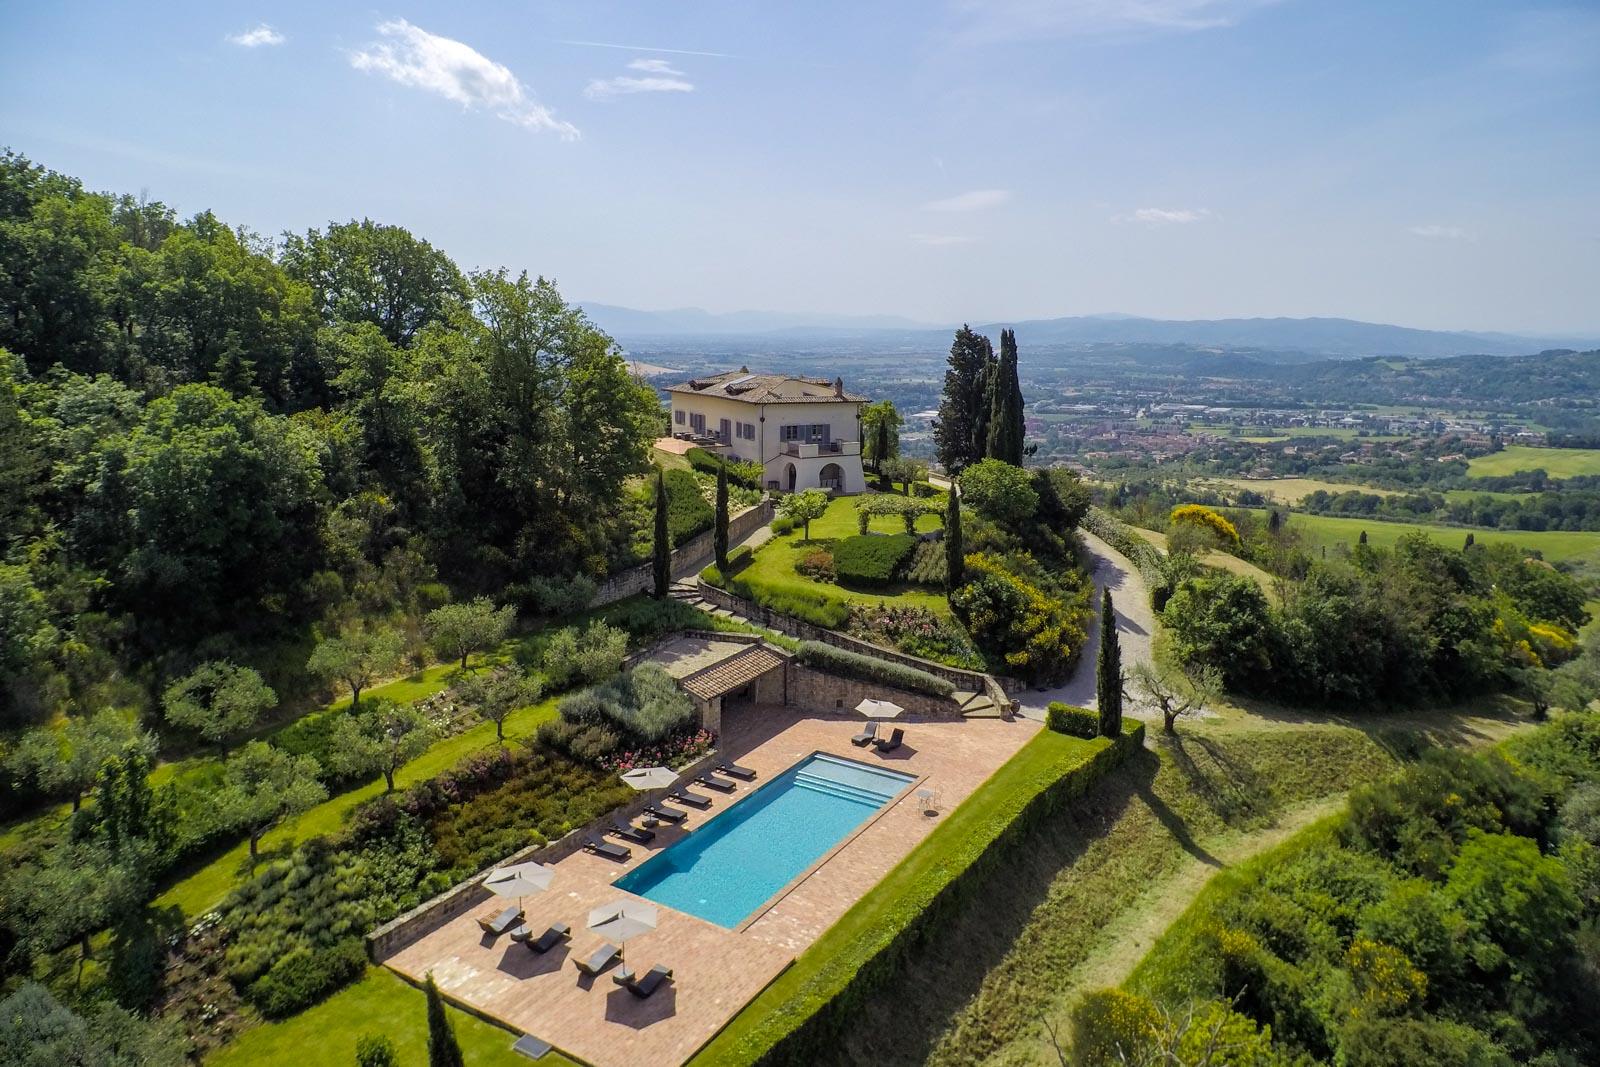 Villa esclusiva con piscina, centro benessere e vista panoramica vicino a Perugia in Umbria